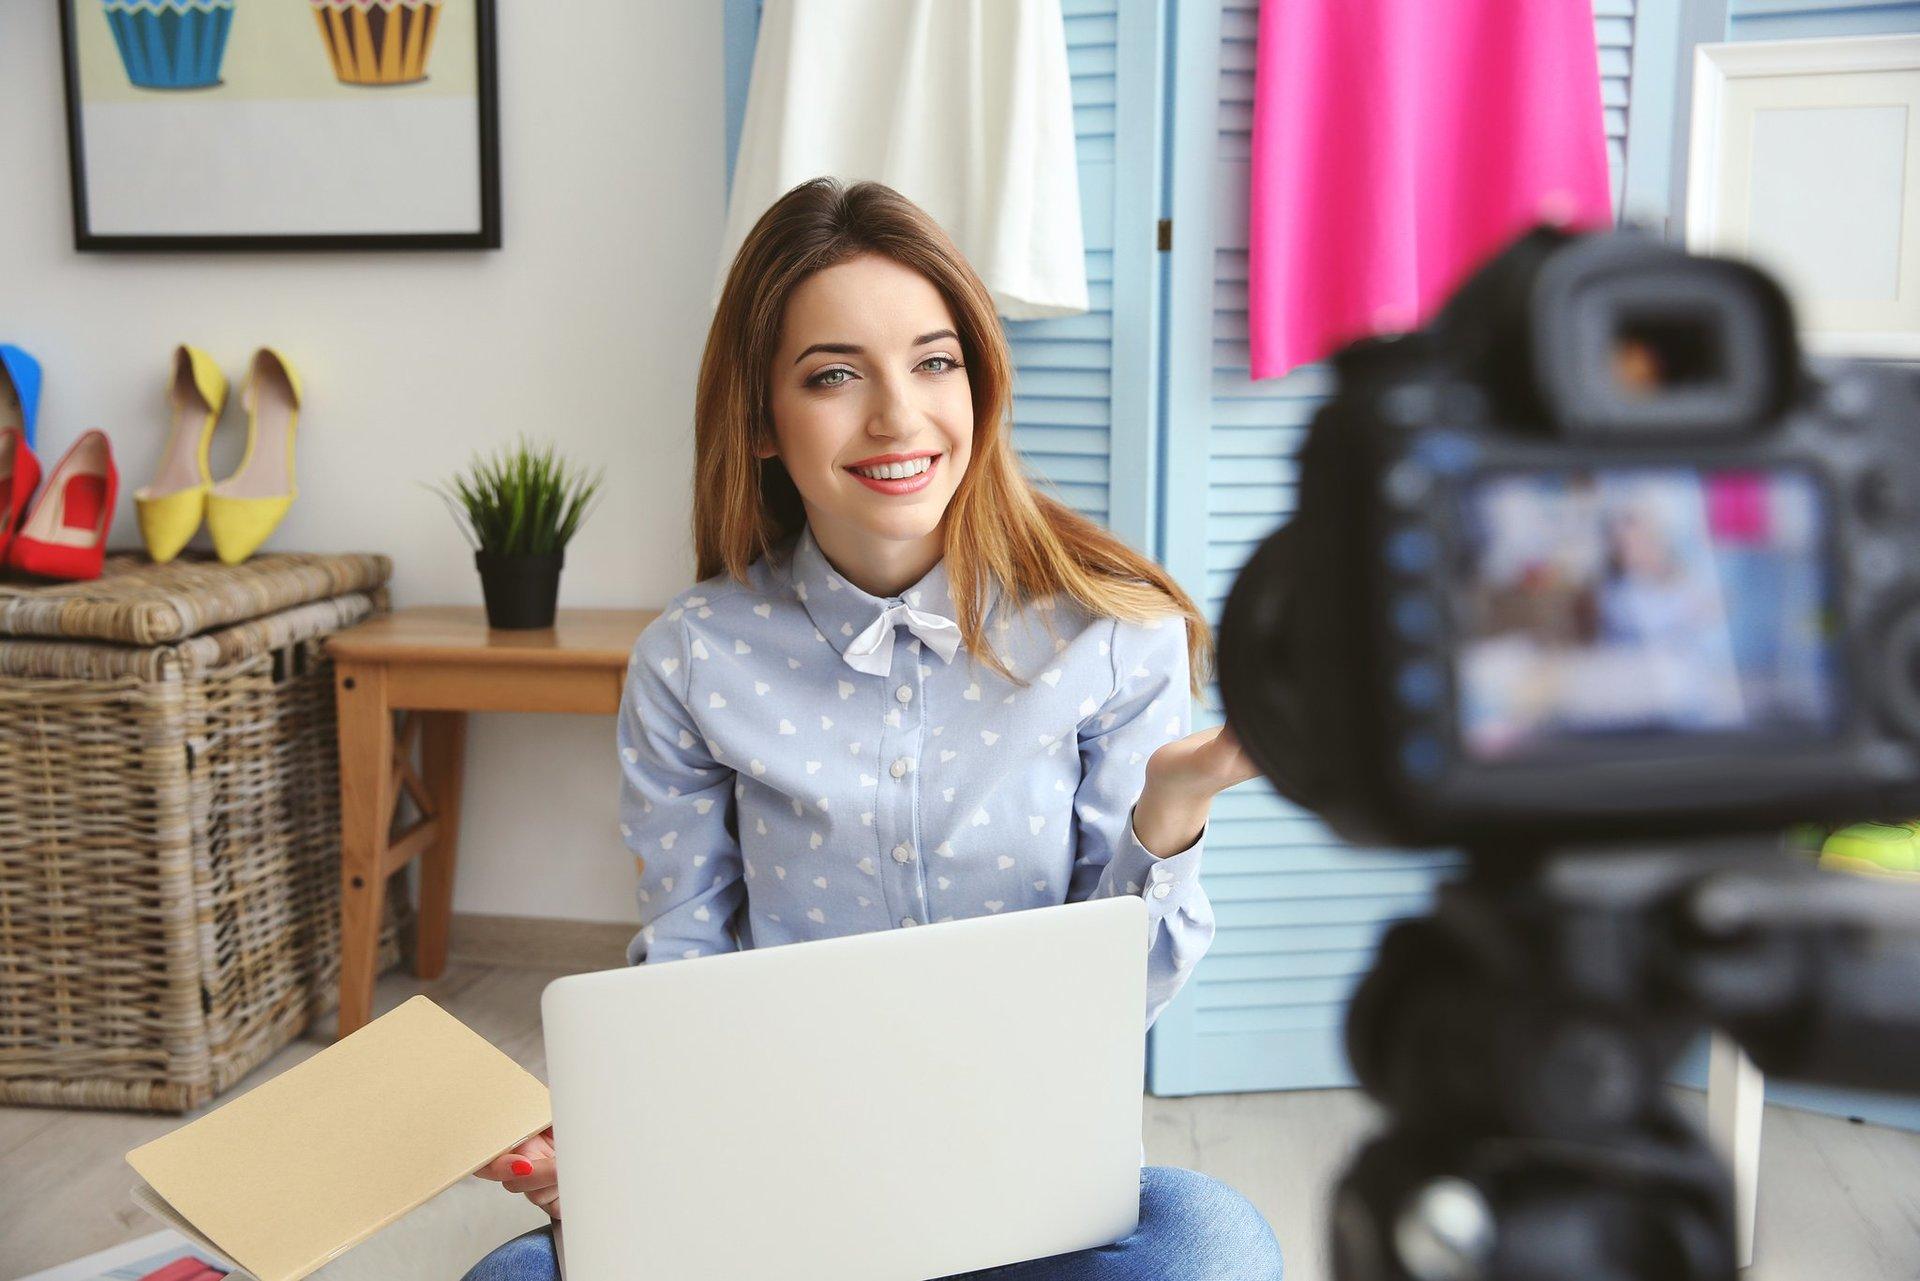 Возможно, блогер из совсем иной тематики с успехом прорекламирует ваш начинающий канал